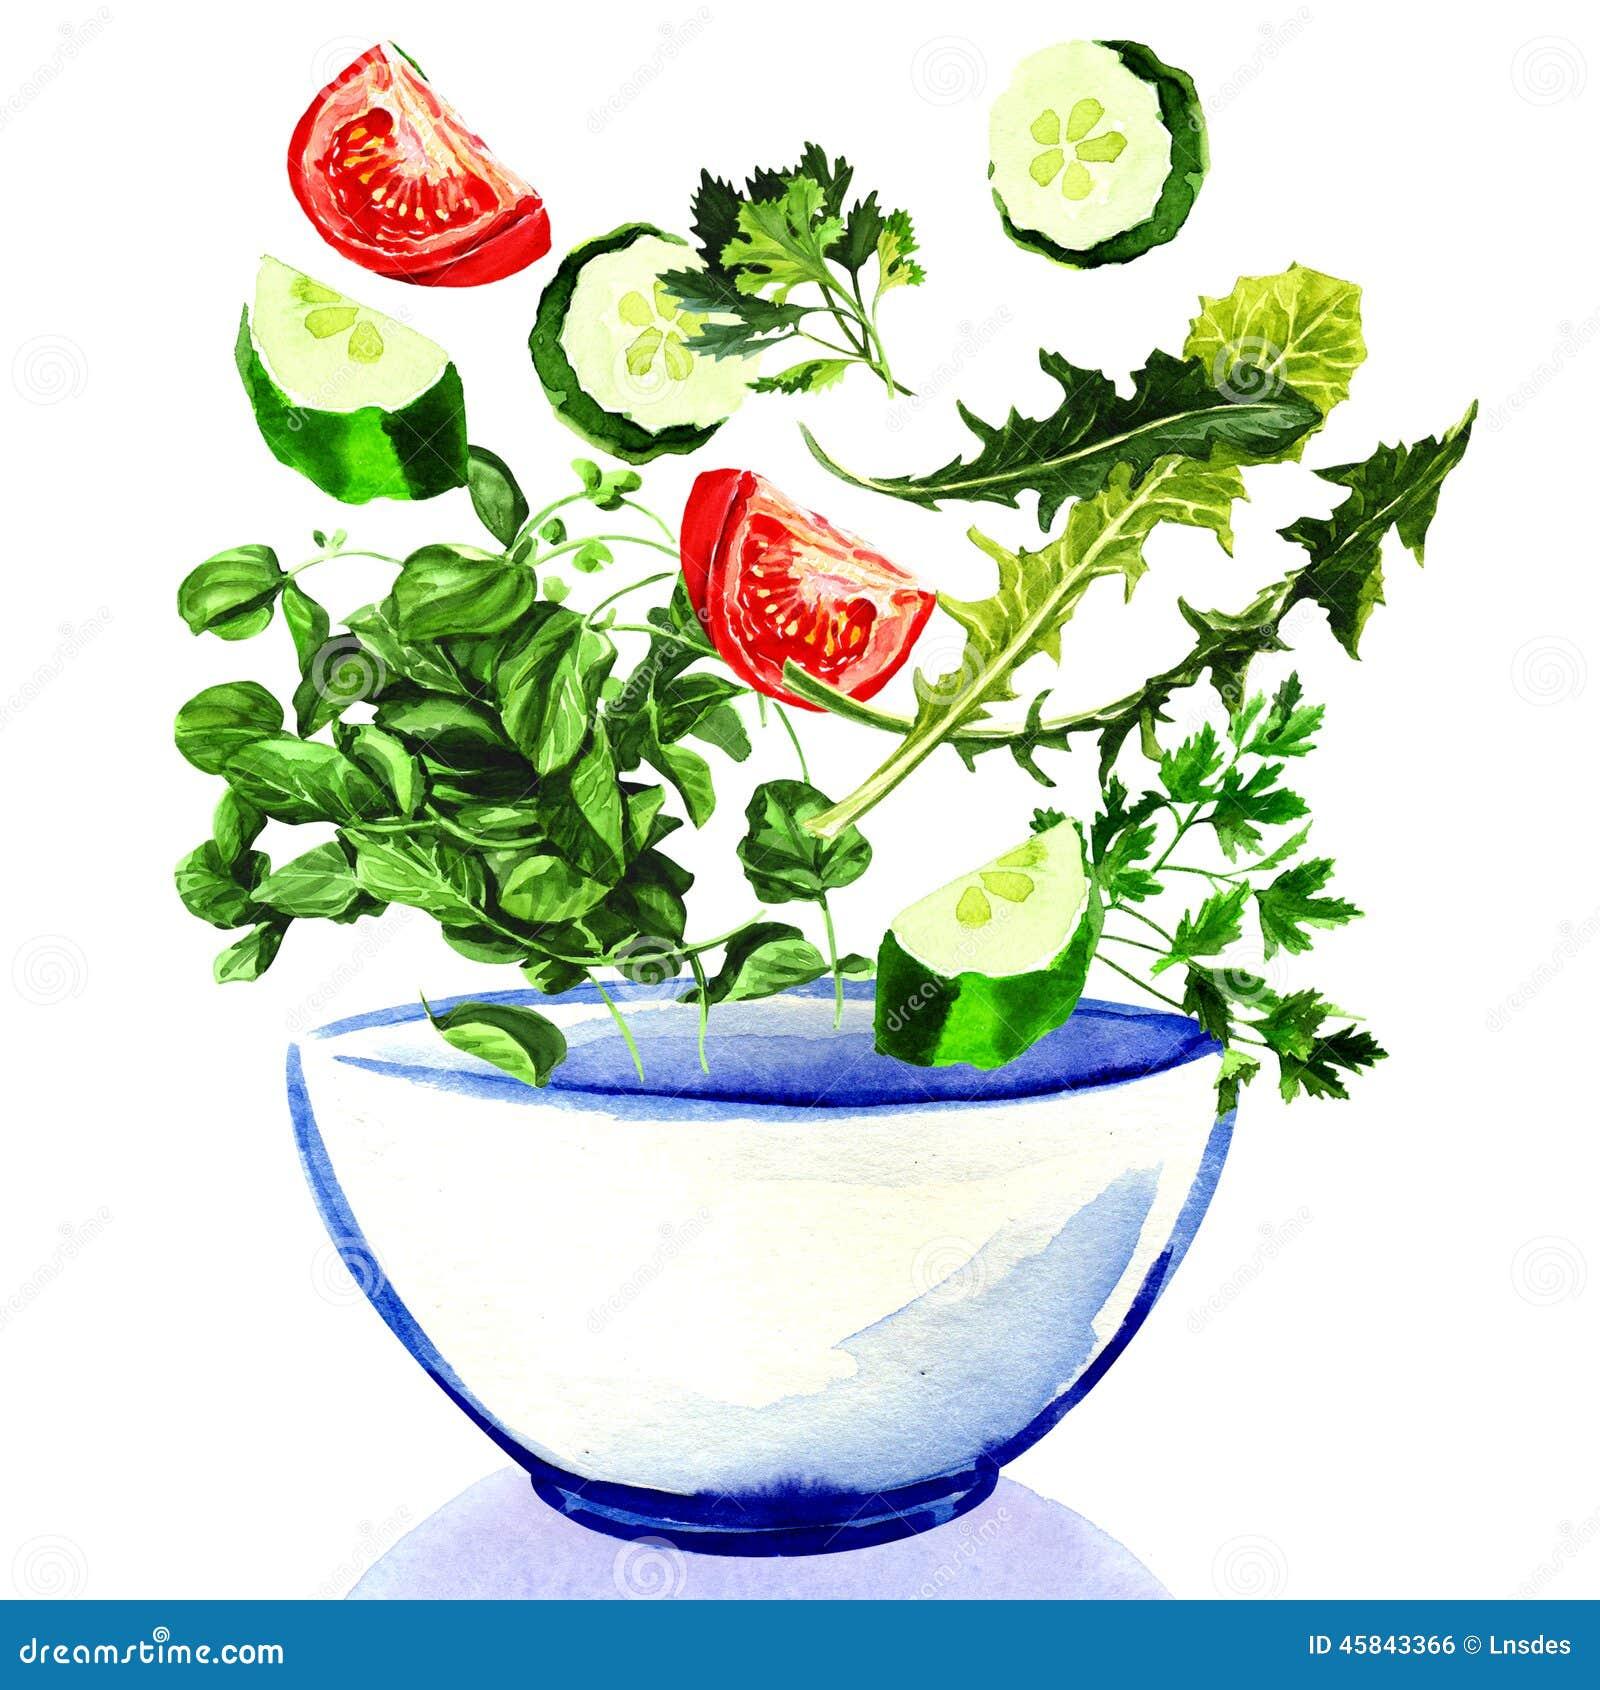 tombant dans un bol de salade, peinture daquarelle sur le fond blanc